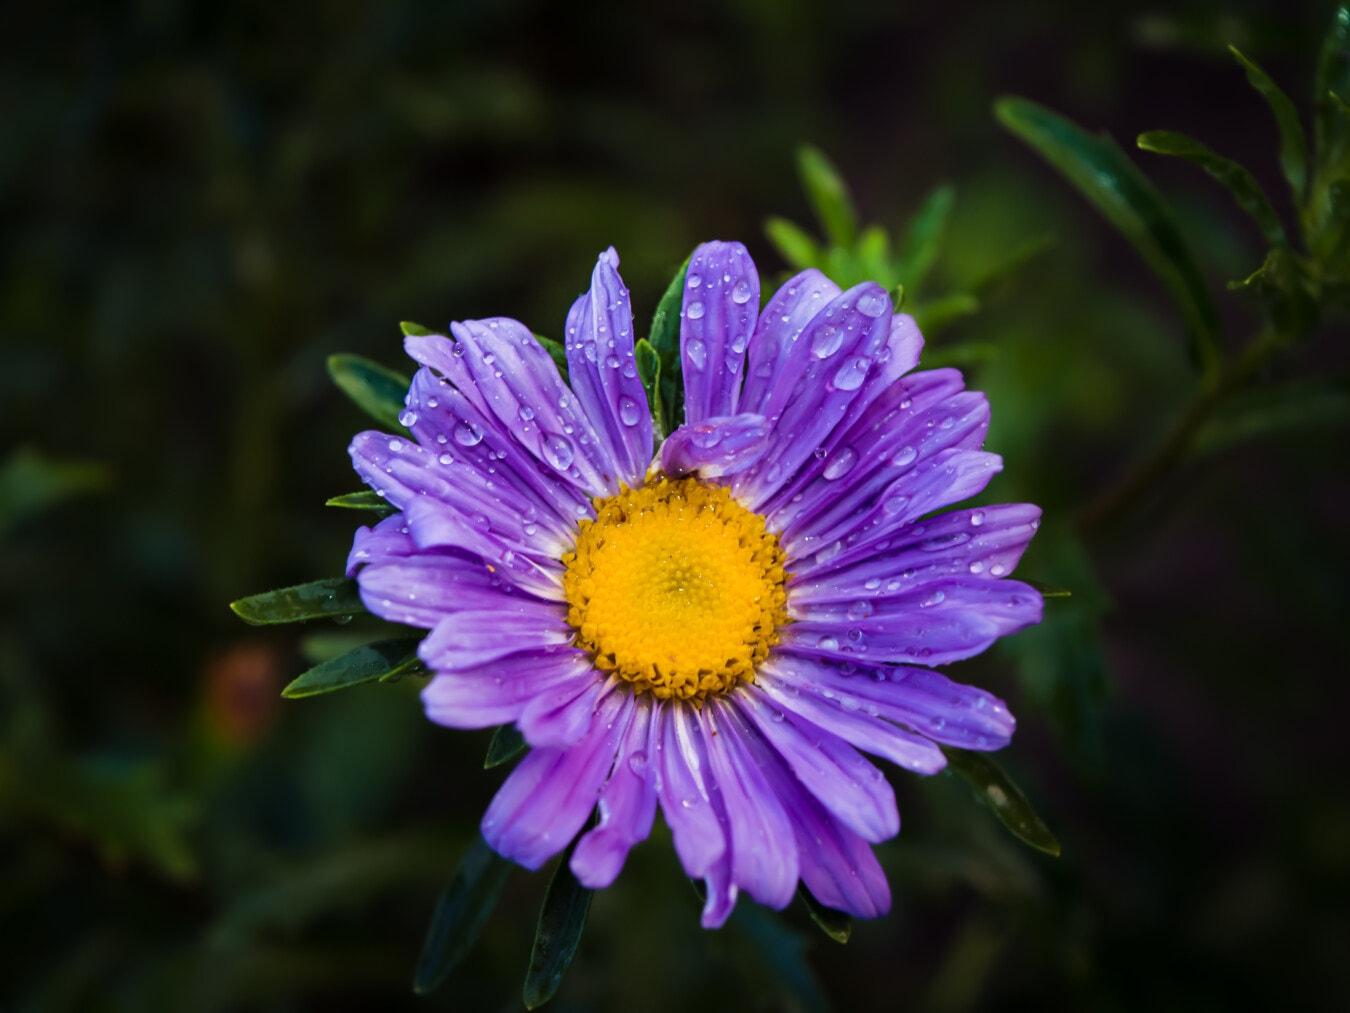 Blütenblätter, lila, Feuchtigkeit, Regentropfen, Wildblumen, Tau, Blumen, Garten, Blume, Natur